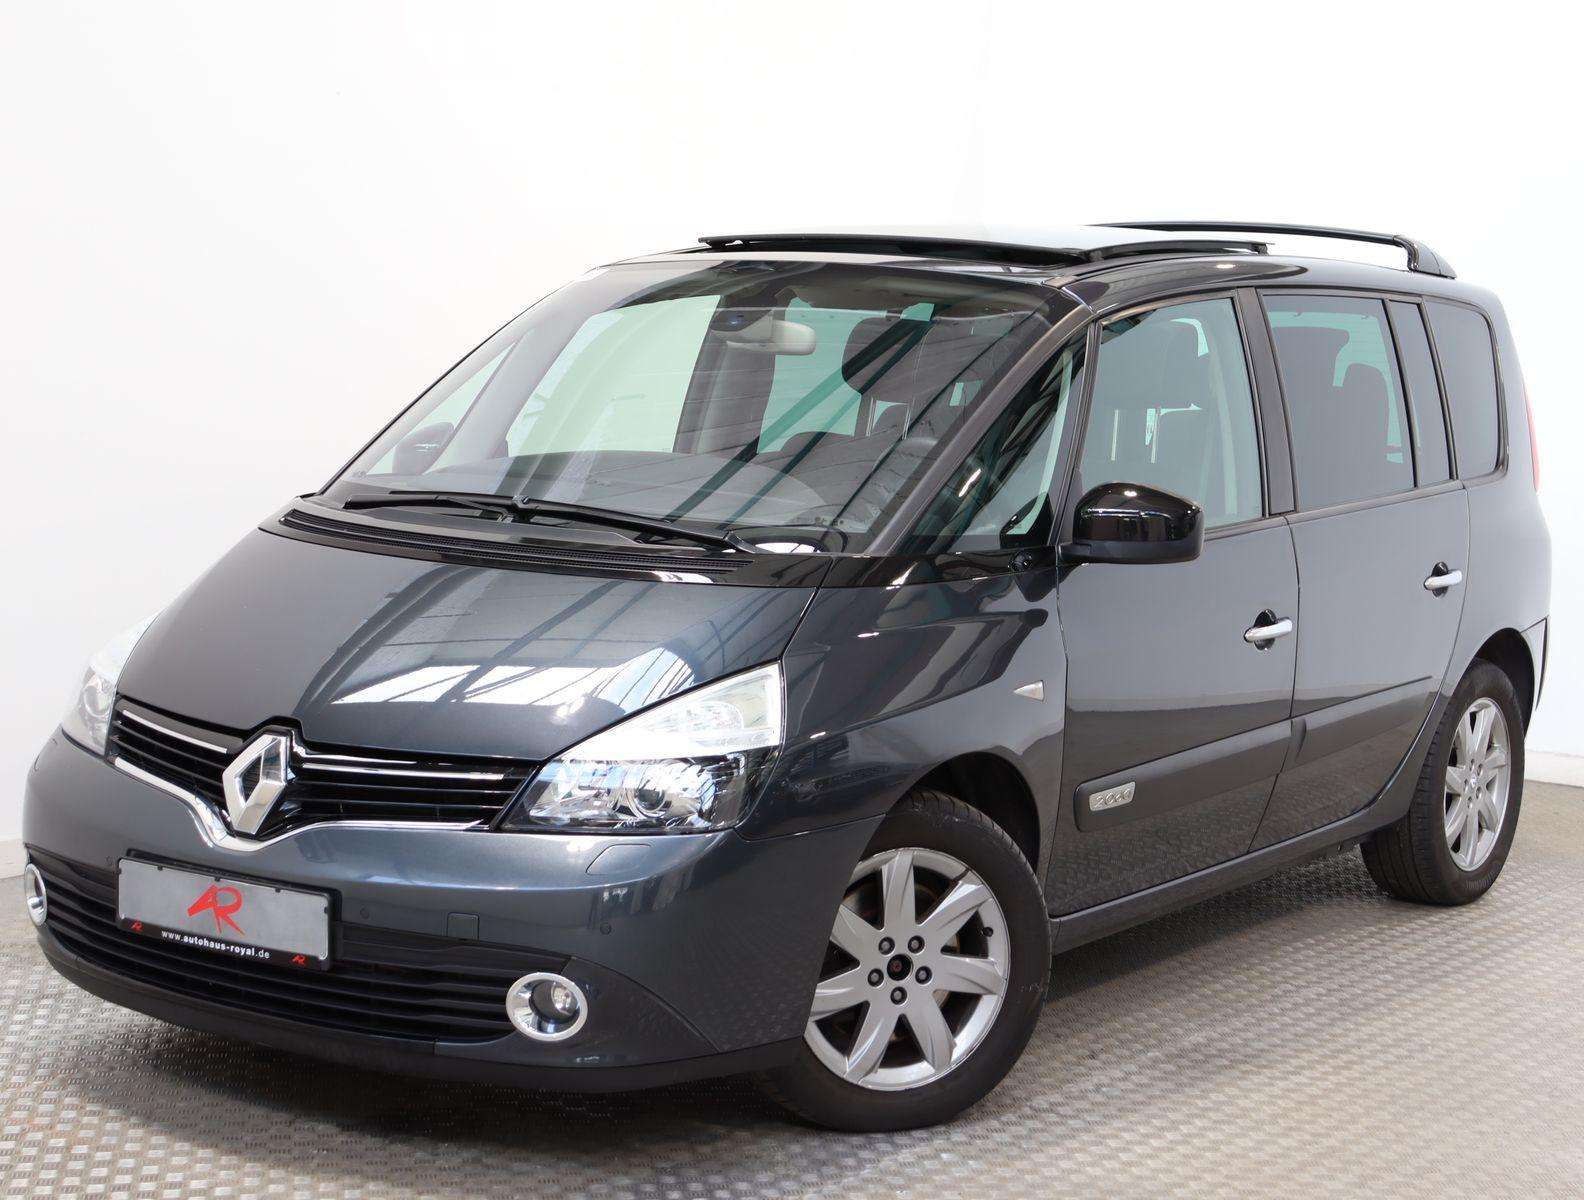 Renault Espace 2.0 dCi 175 EDITION 25TH 6 SITZE,2xFONDTV, Jahr 2013, Diesel